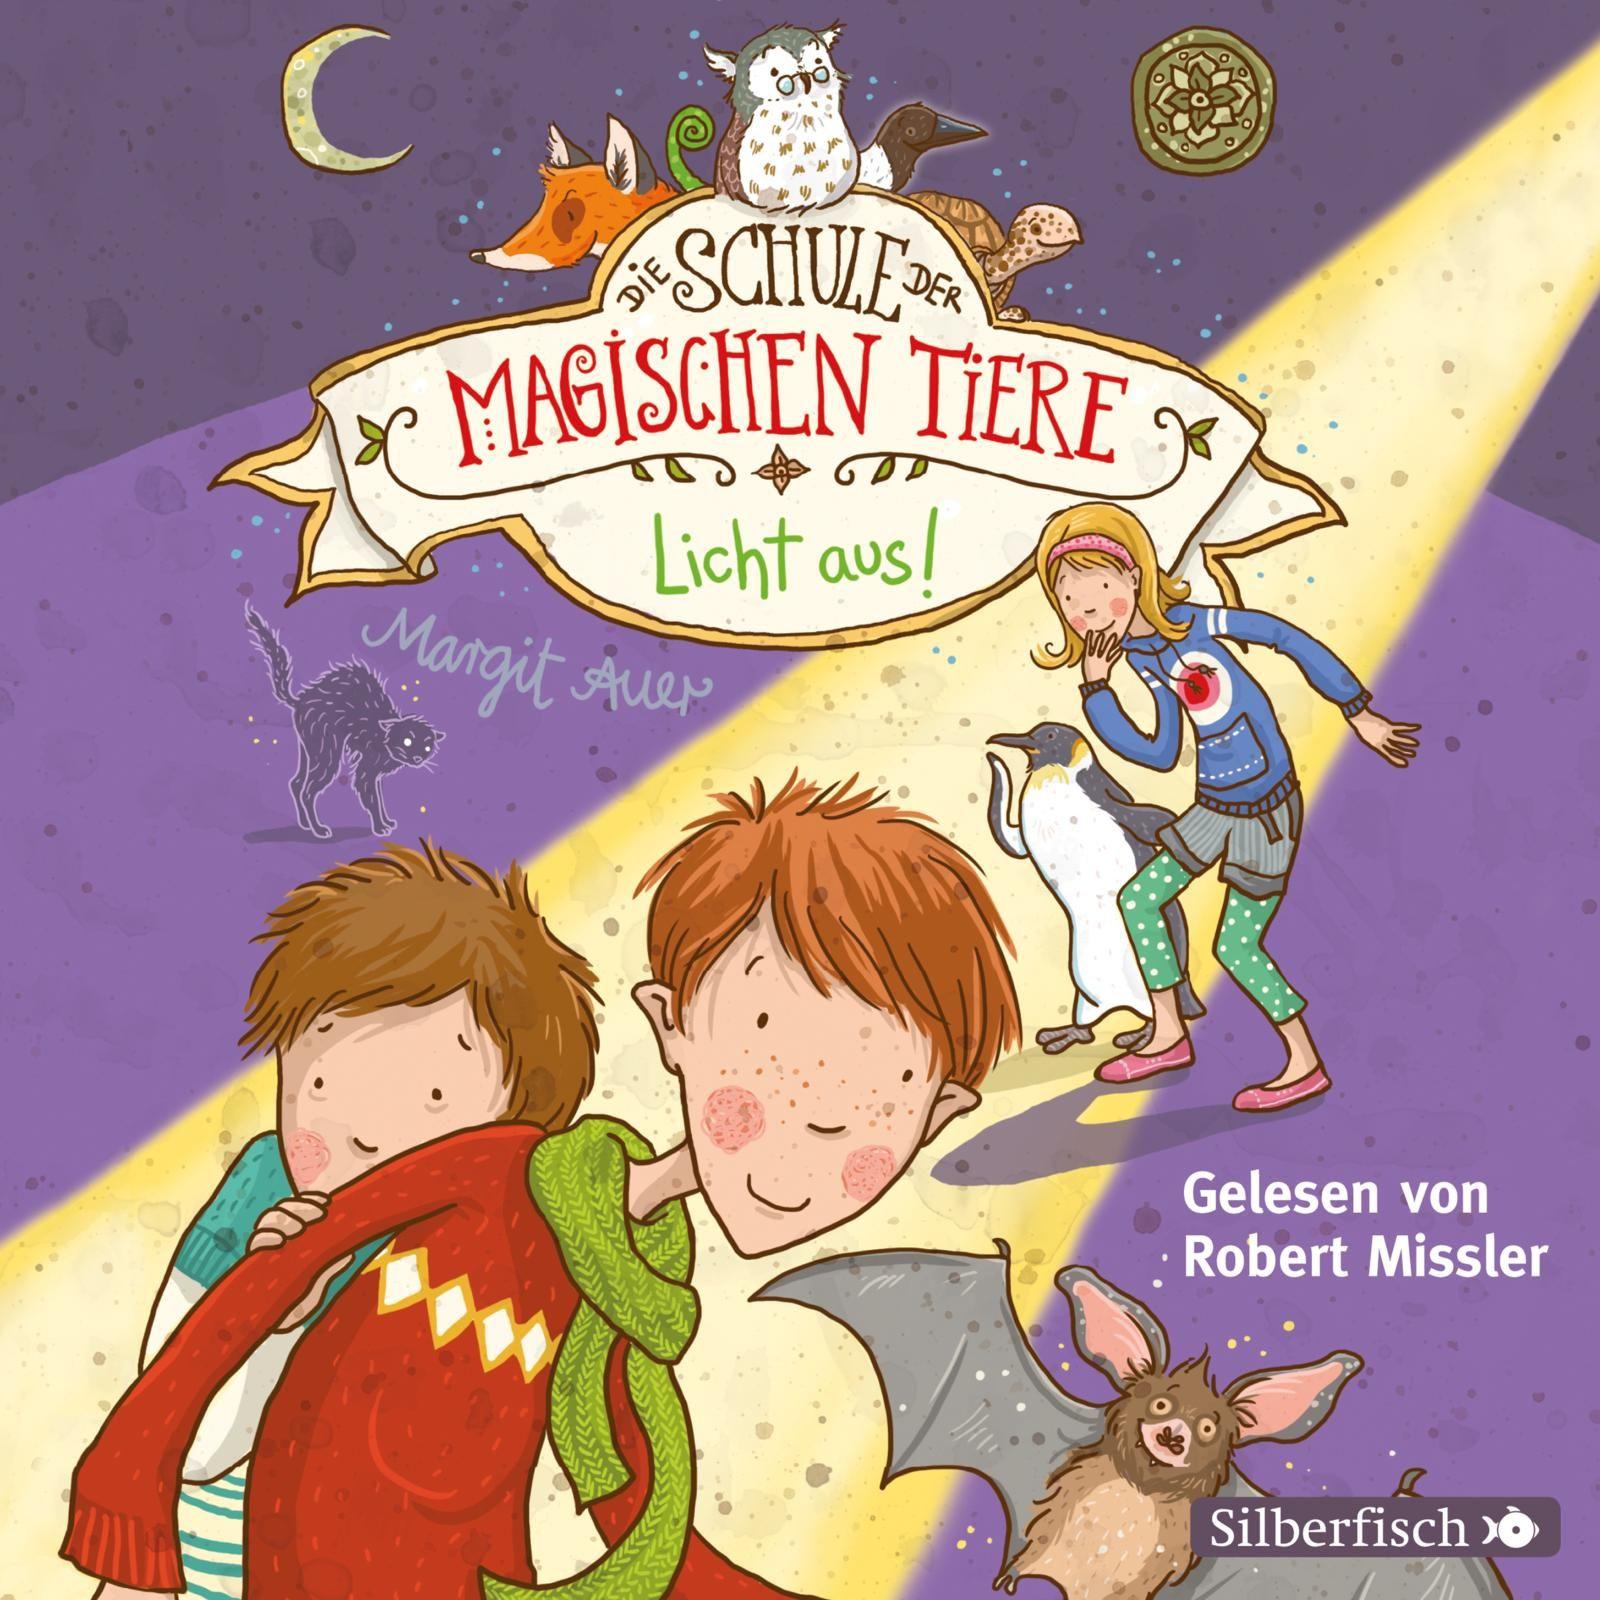 Die Schule der magischen Tiere, Band 3: Licht aus!